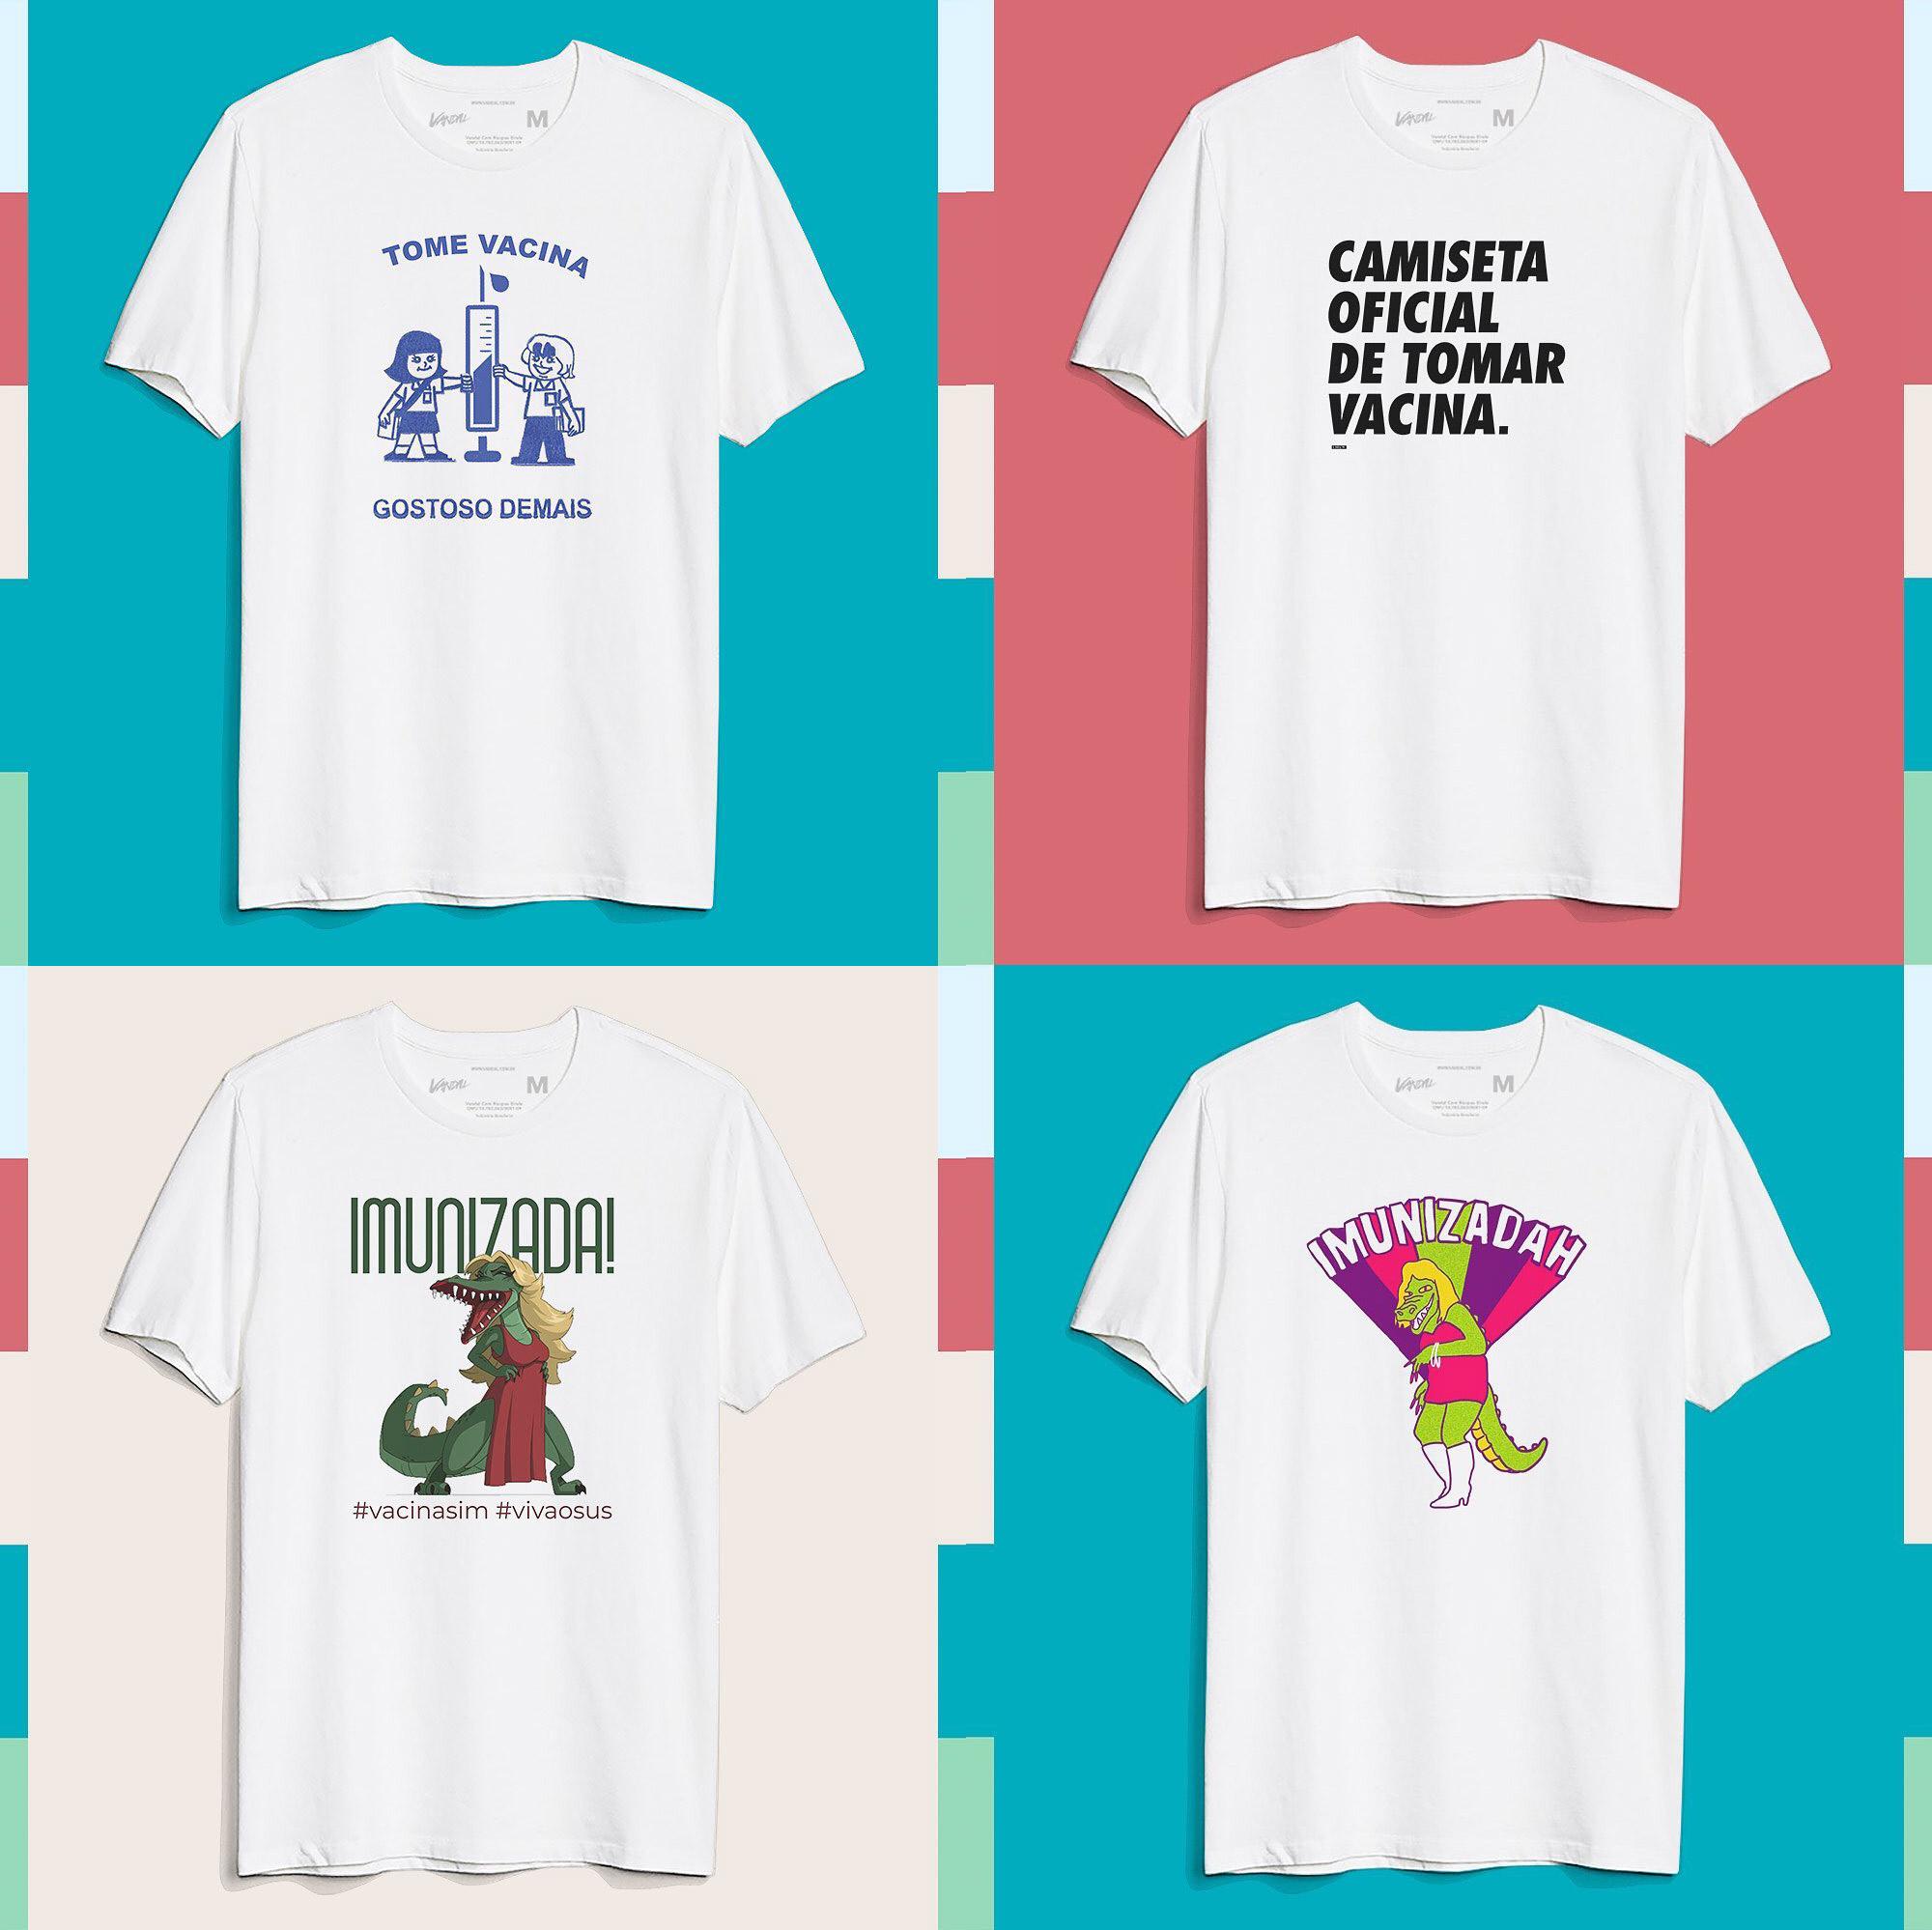 Camisetas vacina covid